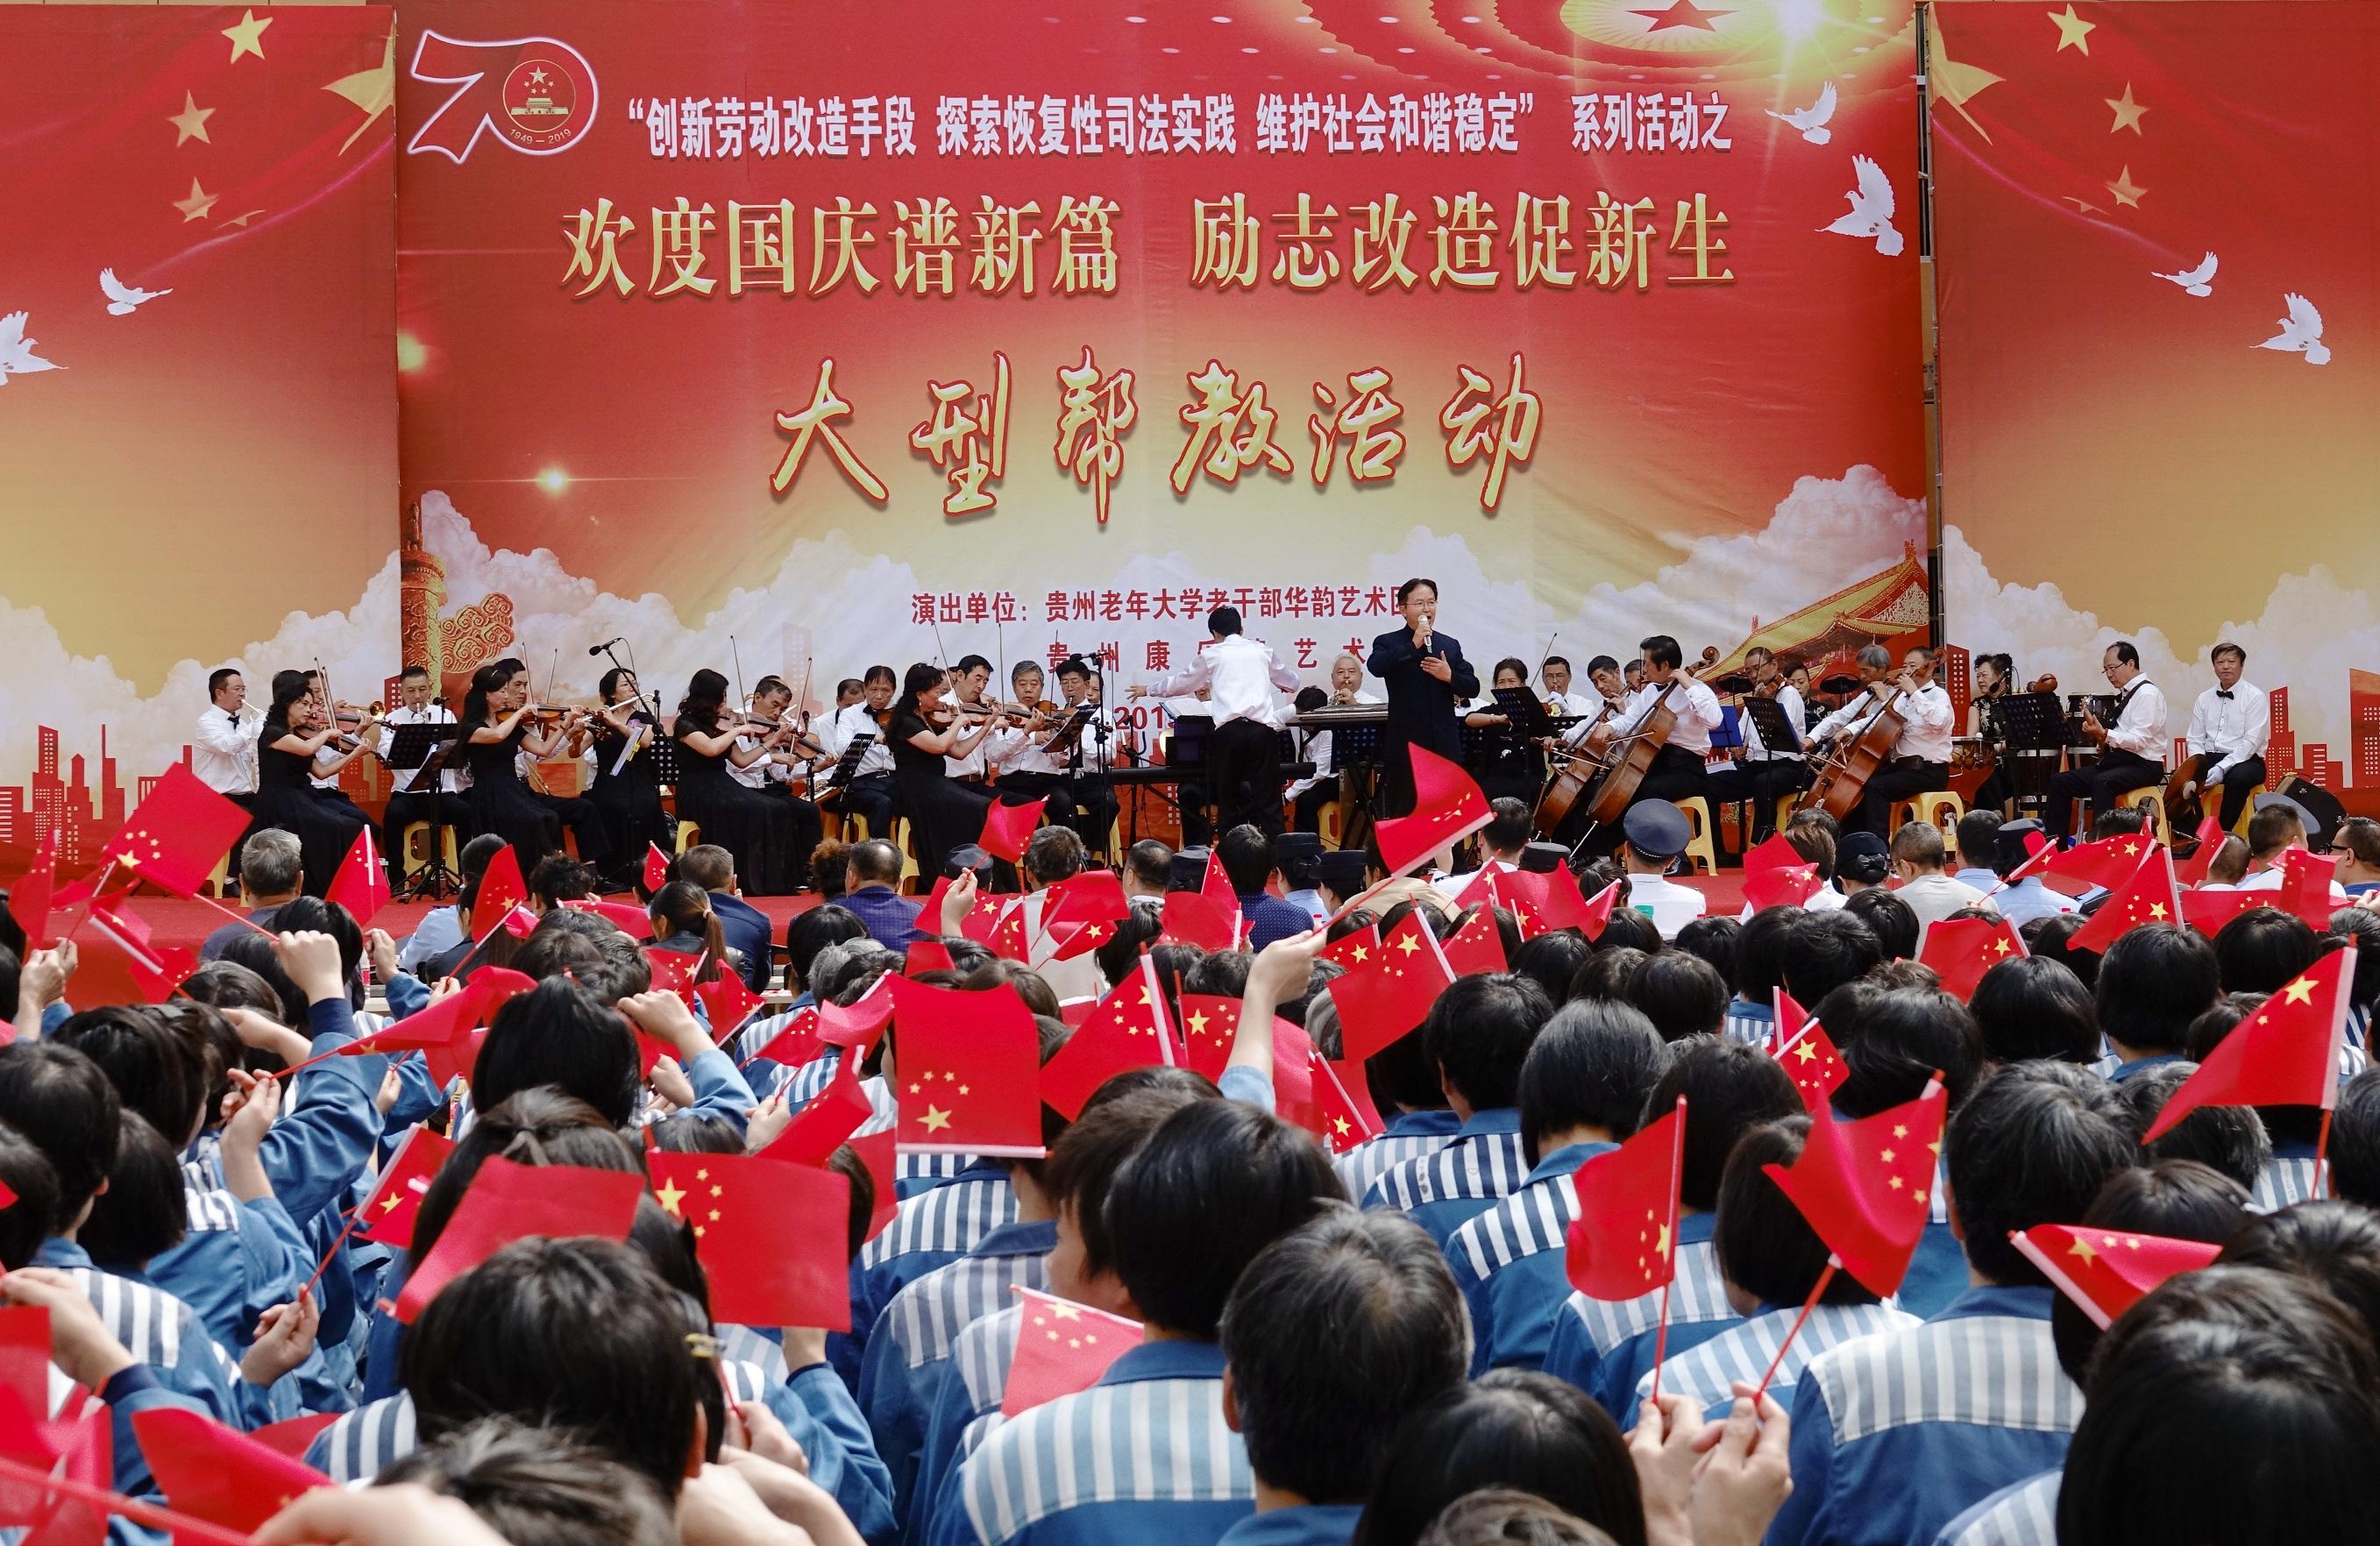 欢度国庆谱新篇 励志改造促新生